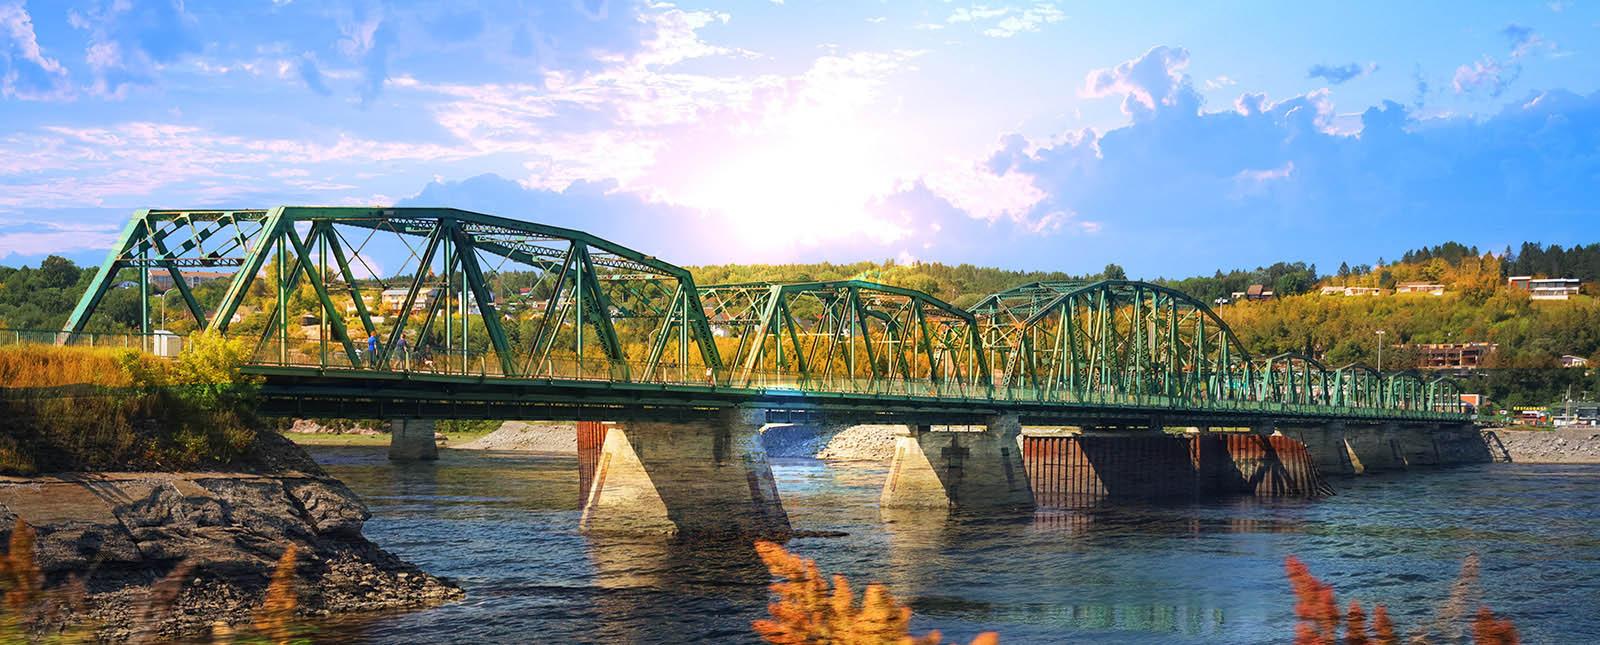 Image du vieux pont de Chicoutimi - photo stock